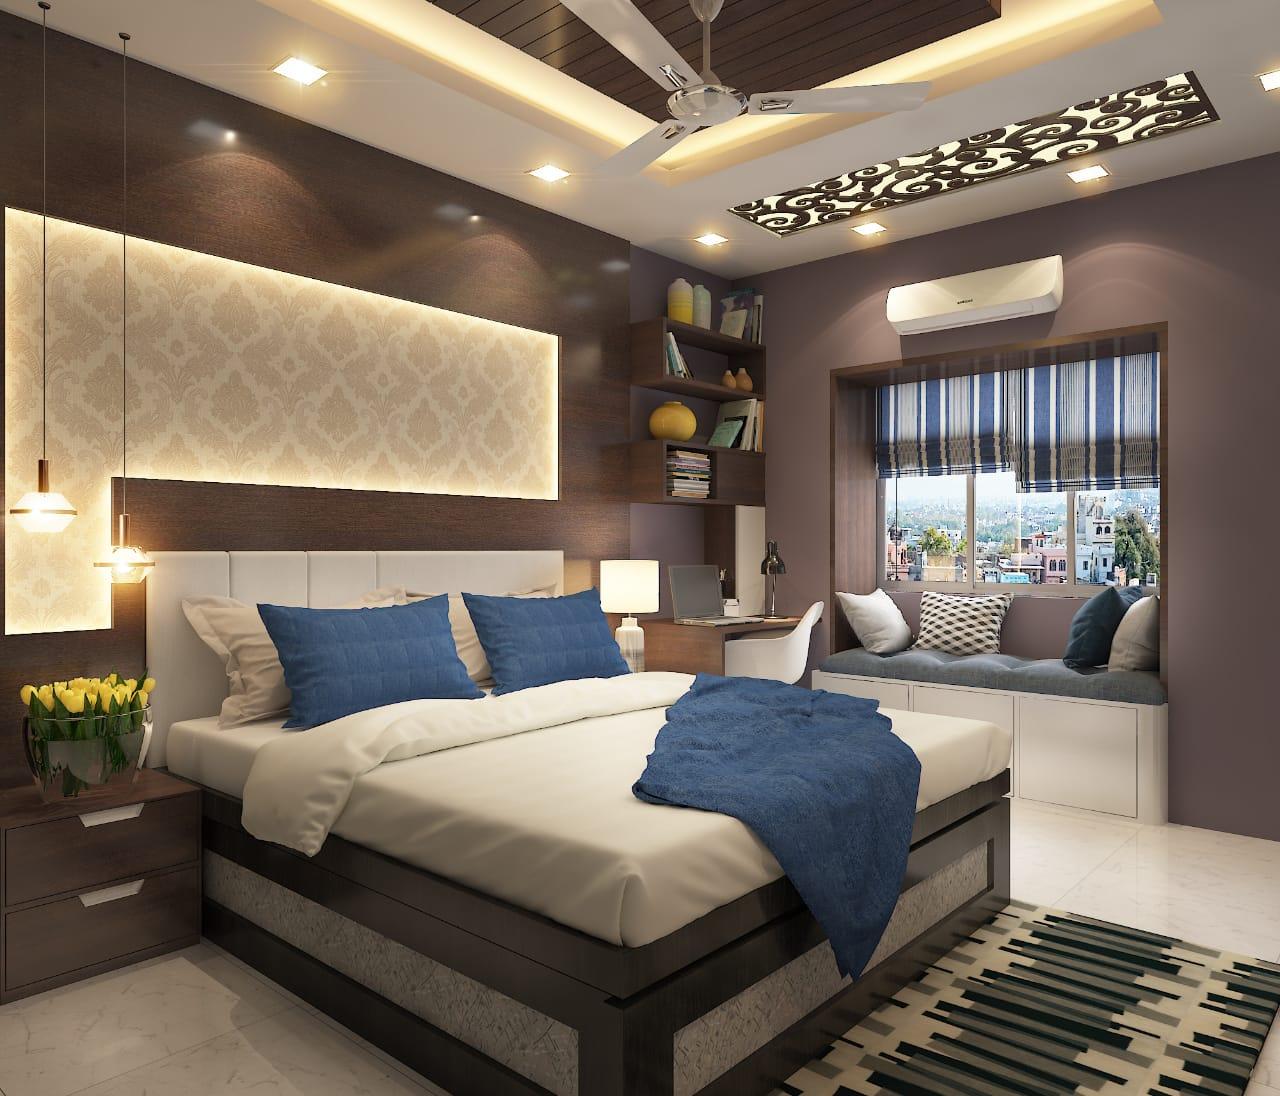 Image Result For Image Result For Image Result For Living Room Furniture